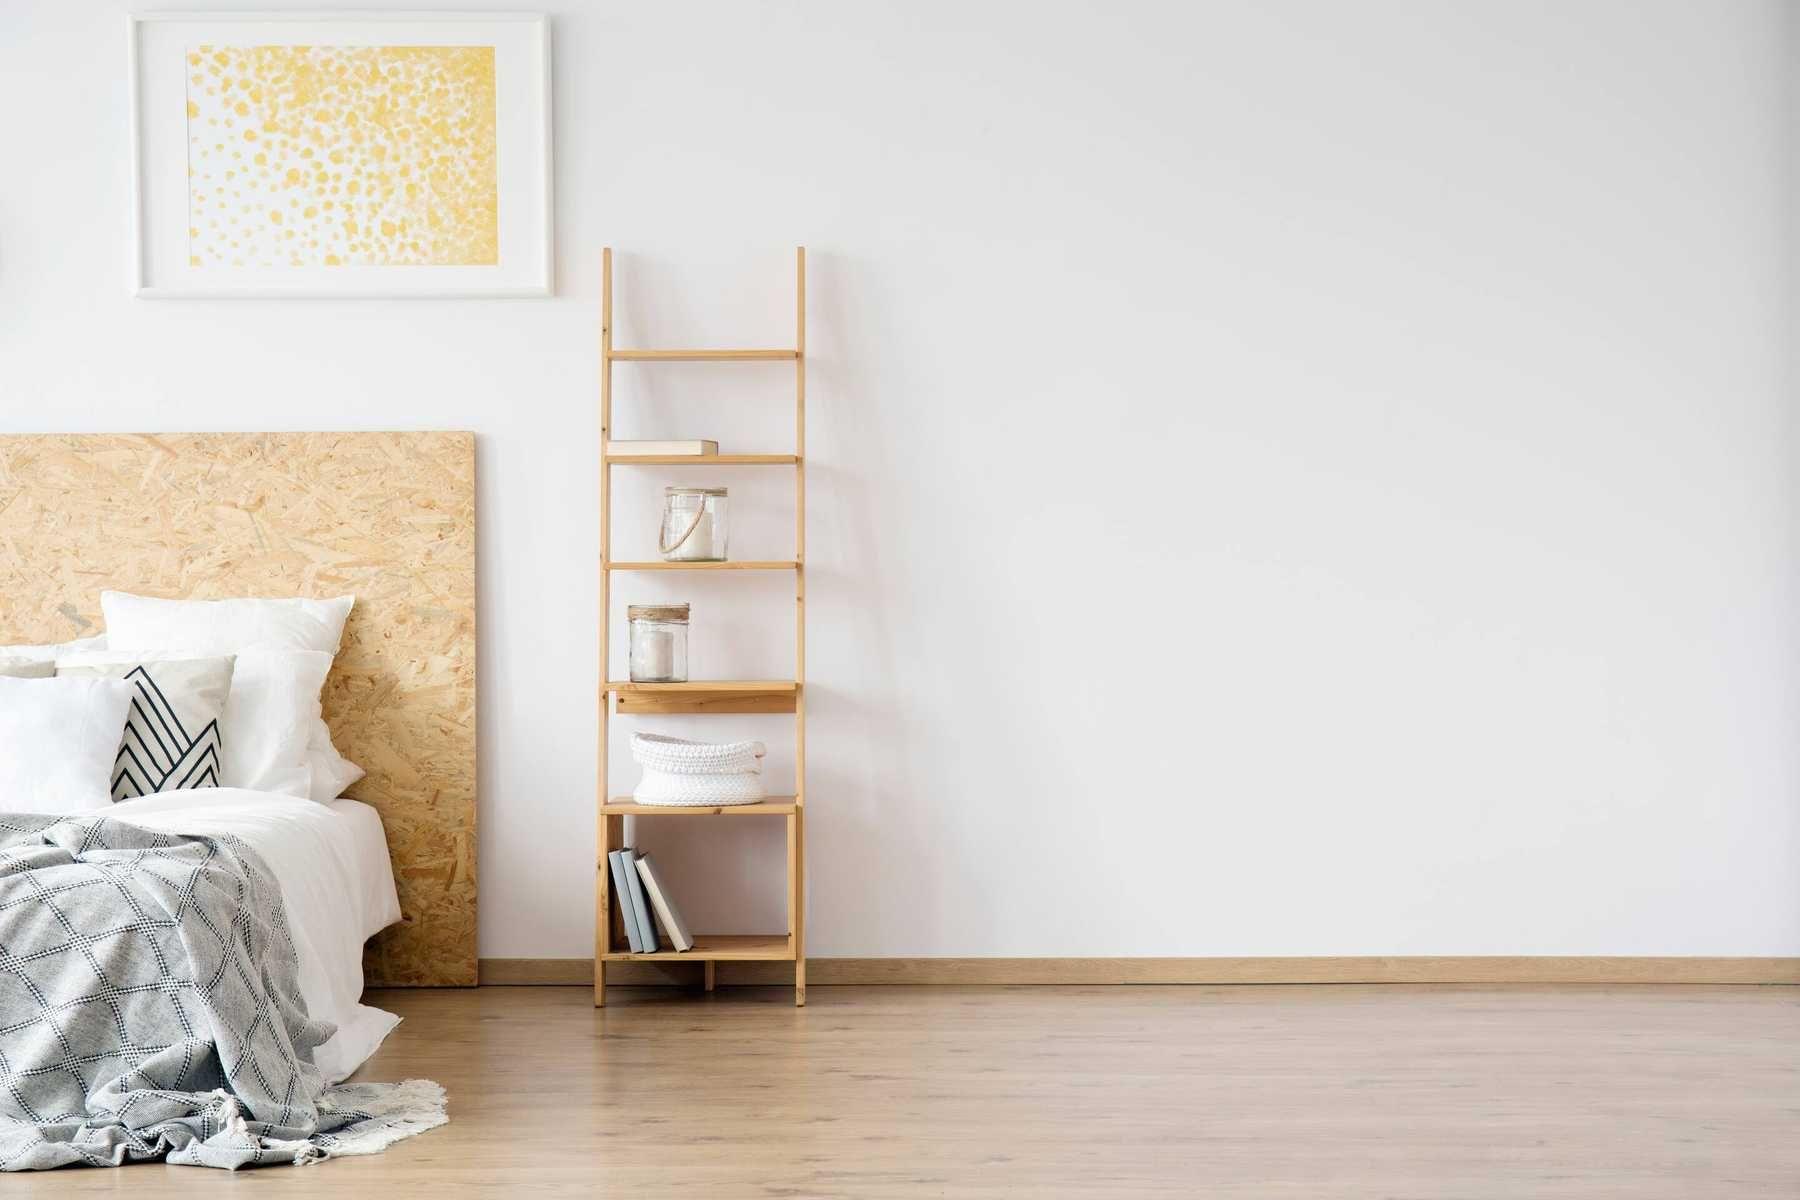 Bố trí phòng ngủ có khoảng trống ở dưới giường